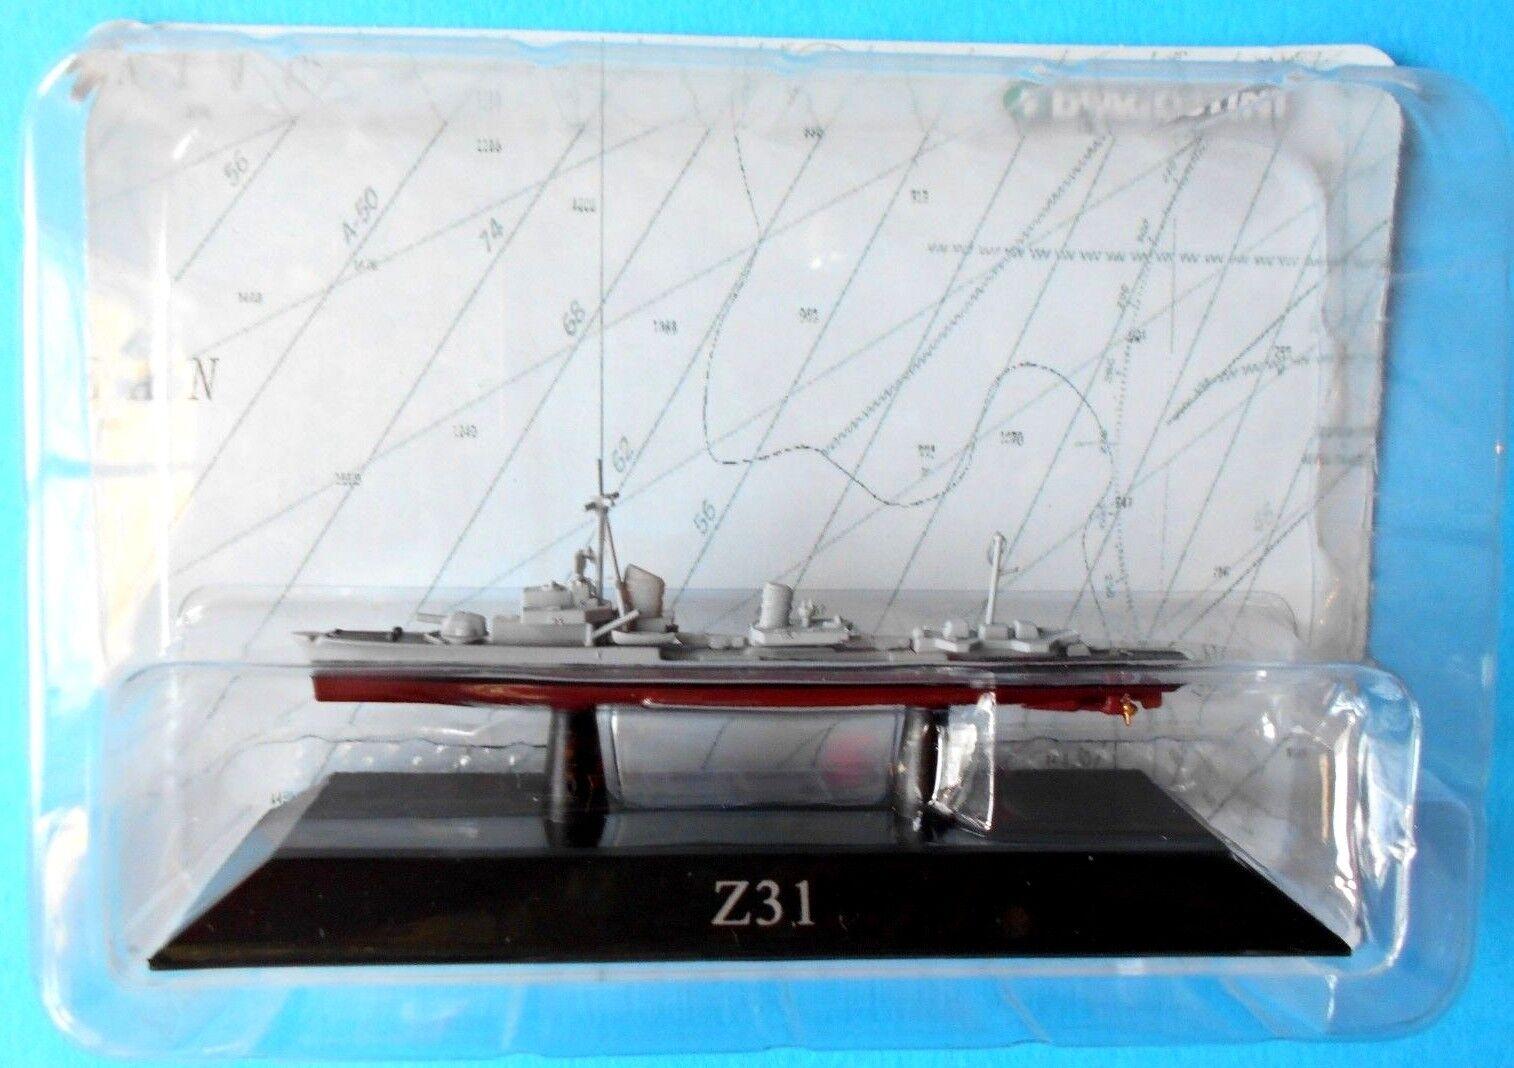 DIE CAST NAVI DA GUERRA     Z31 Zerstörer 1936 (MOB) - 1 1250 DEAGOSTINI [64]  echa un vistazo a los más baratos